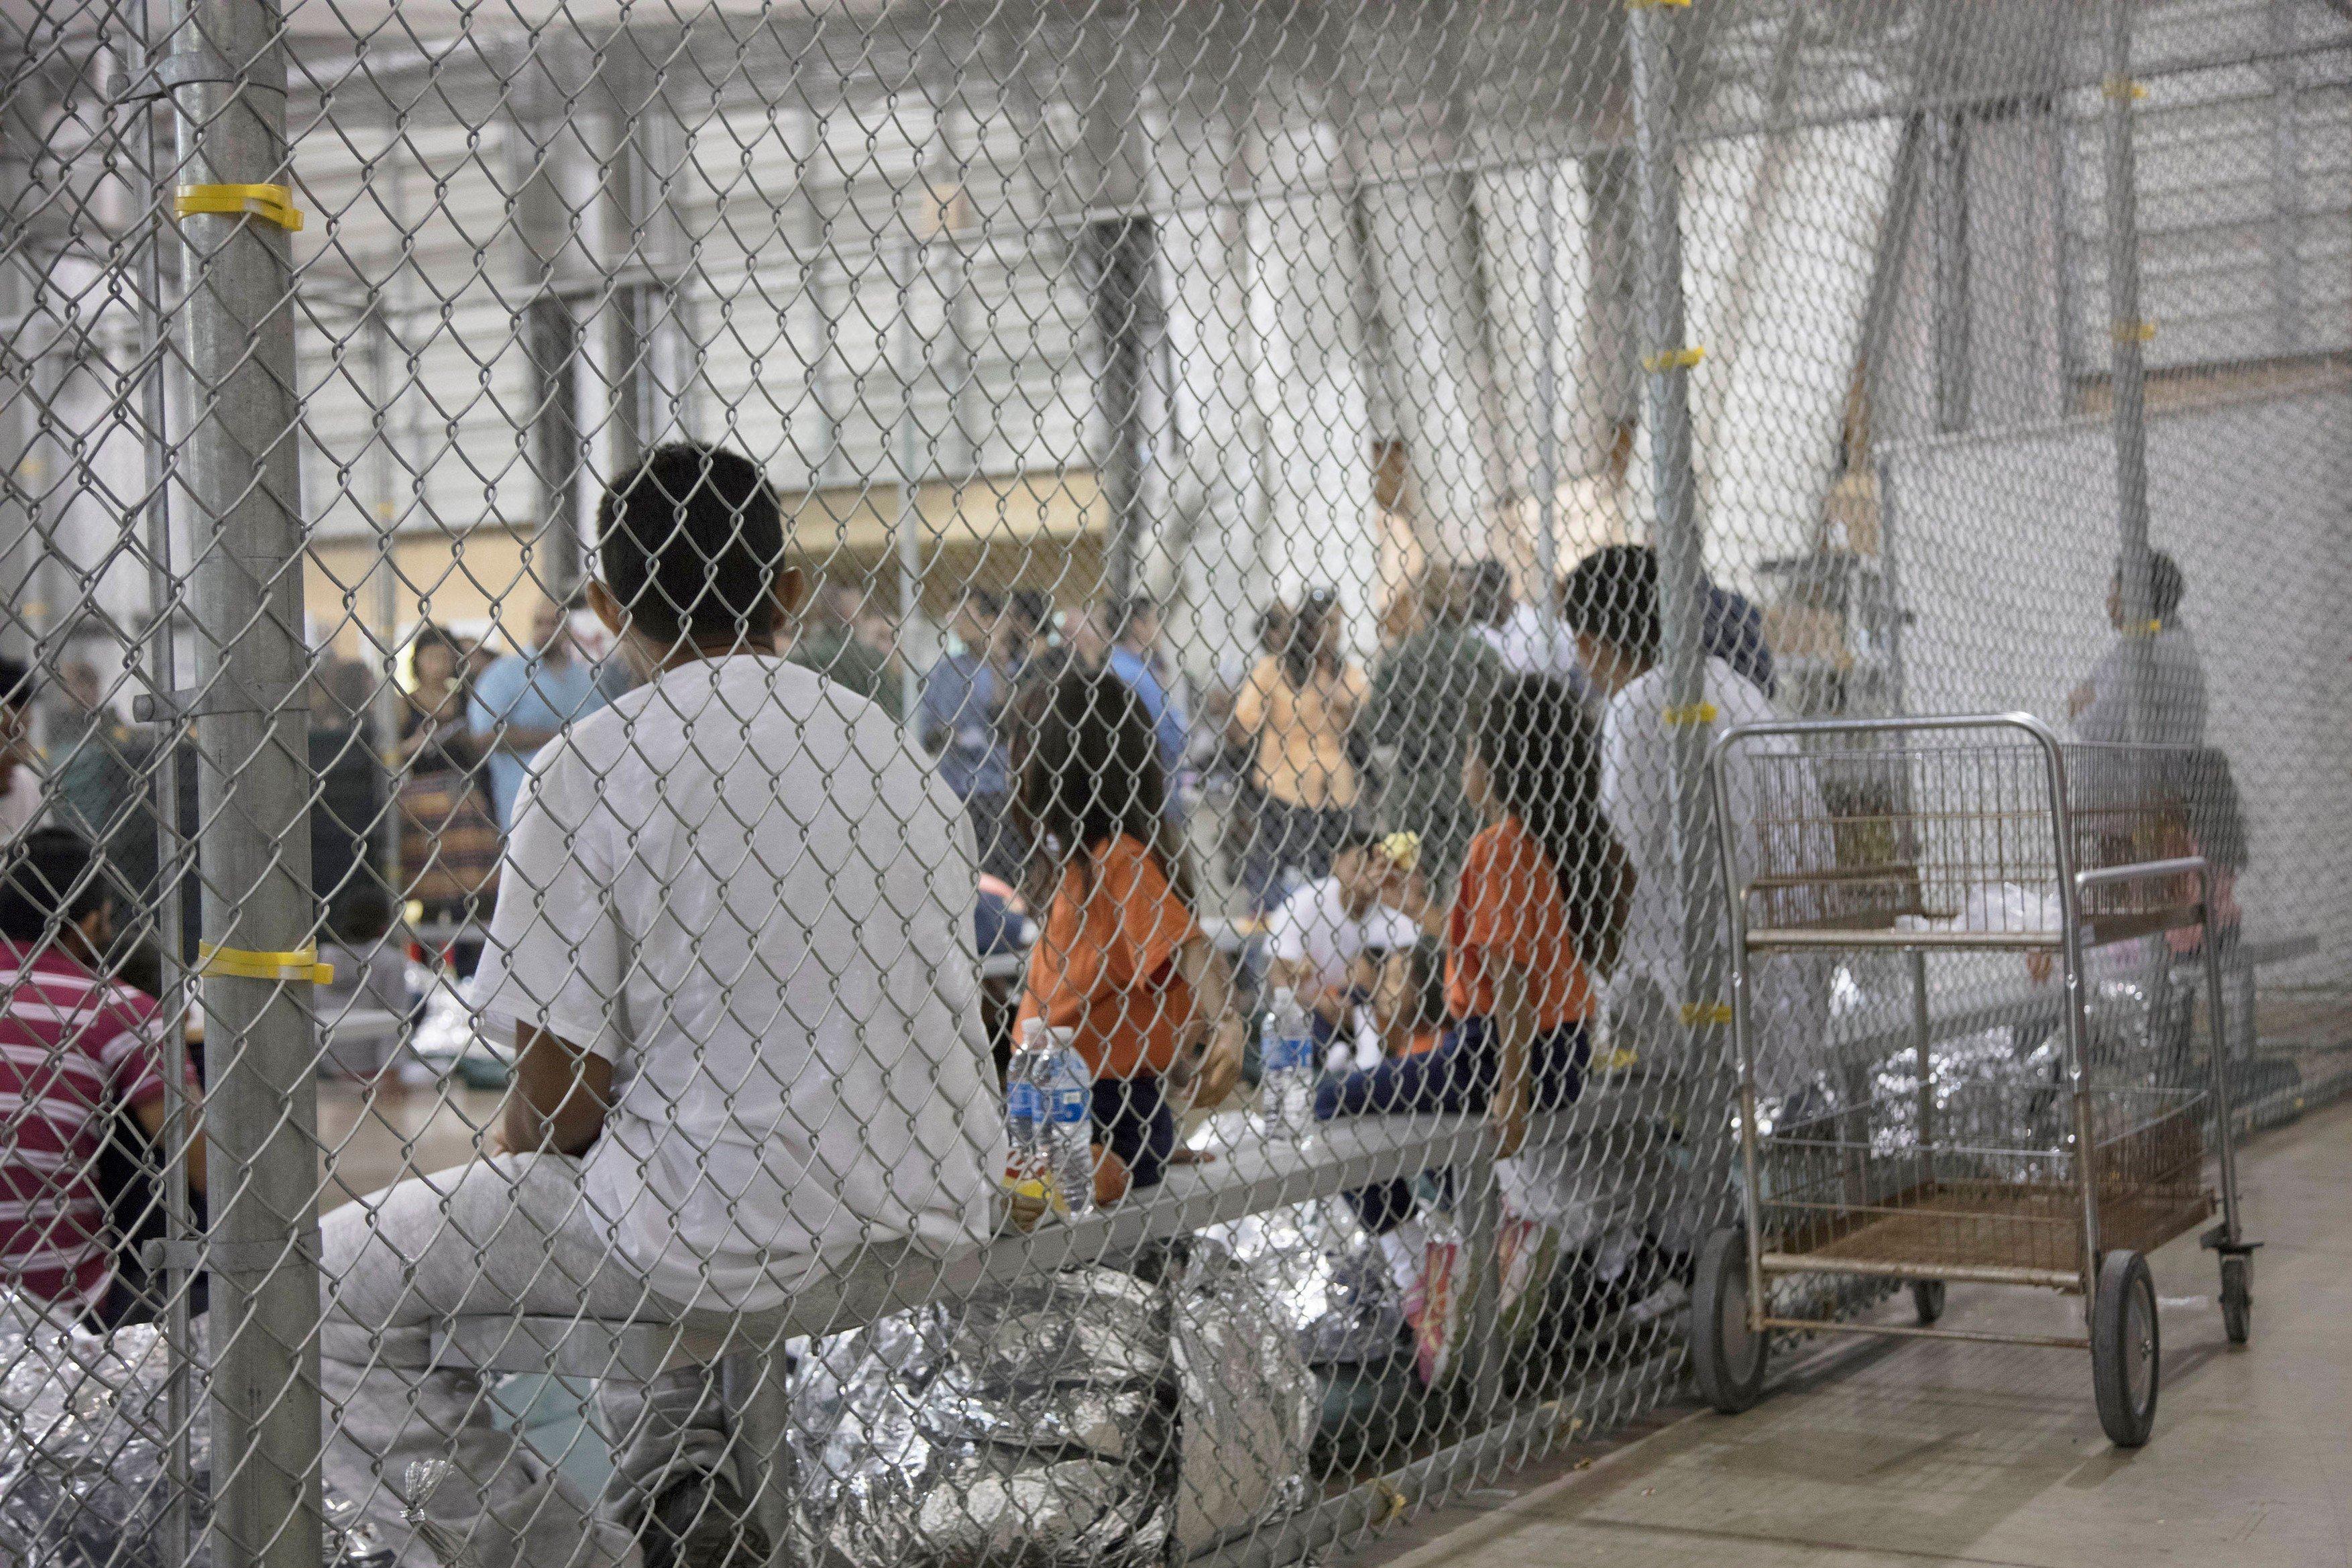 Ova fotografija snimljena je u centru McAllen u Teksasu, medijima ju je pustila američka carinska i granična policija u pokušaju da pokažu da uvjeti u centru nisu grozni.